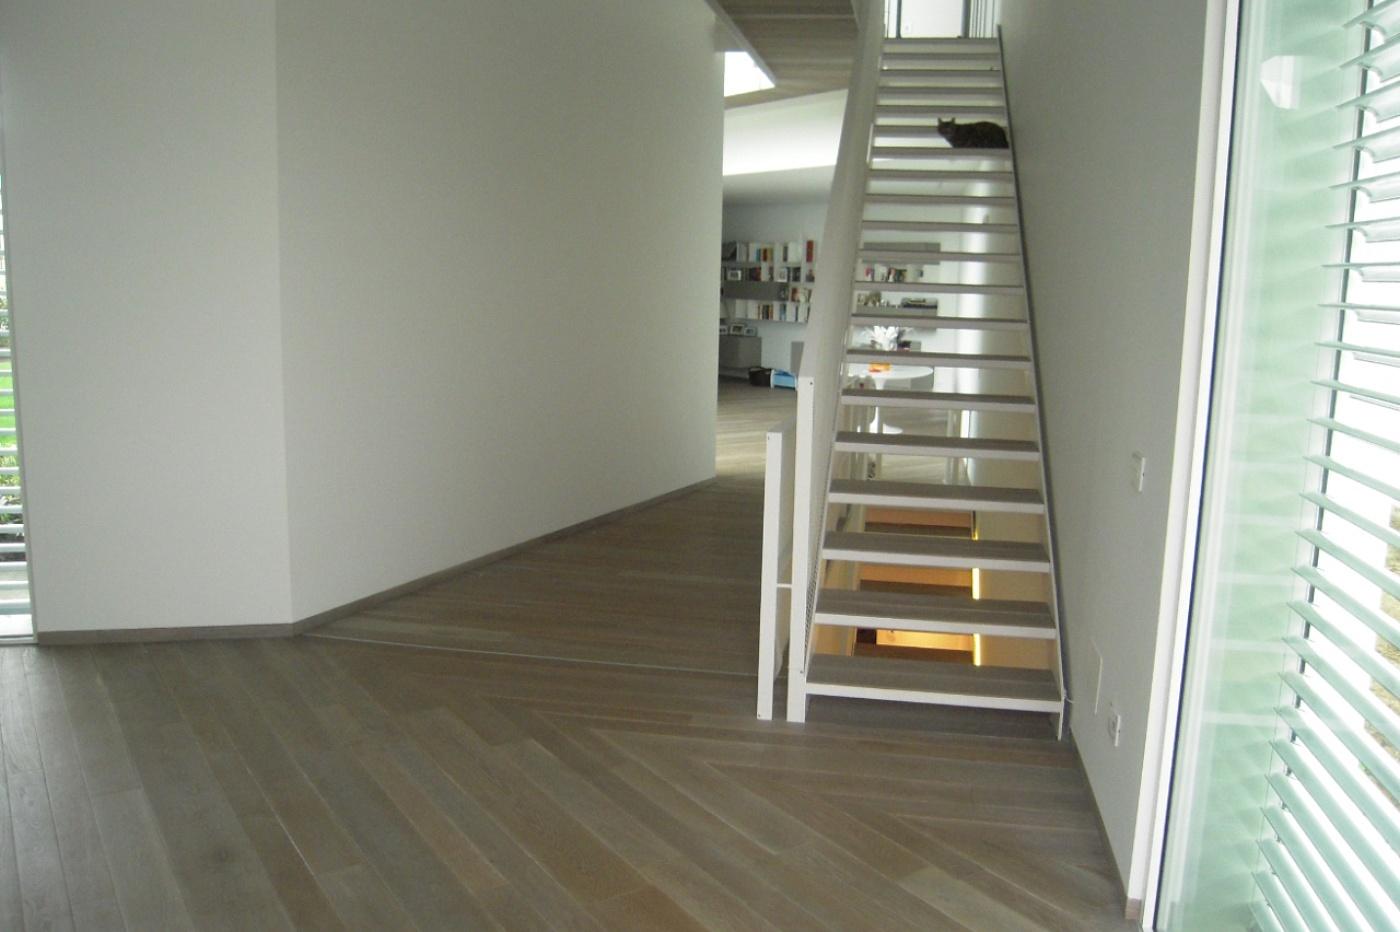 Legno in parquet da vivere tavole in rovere massello dolomythos - Tavole in legno per pavimenti ...